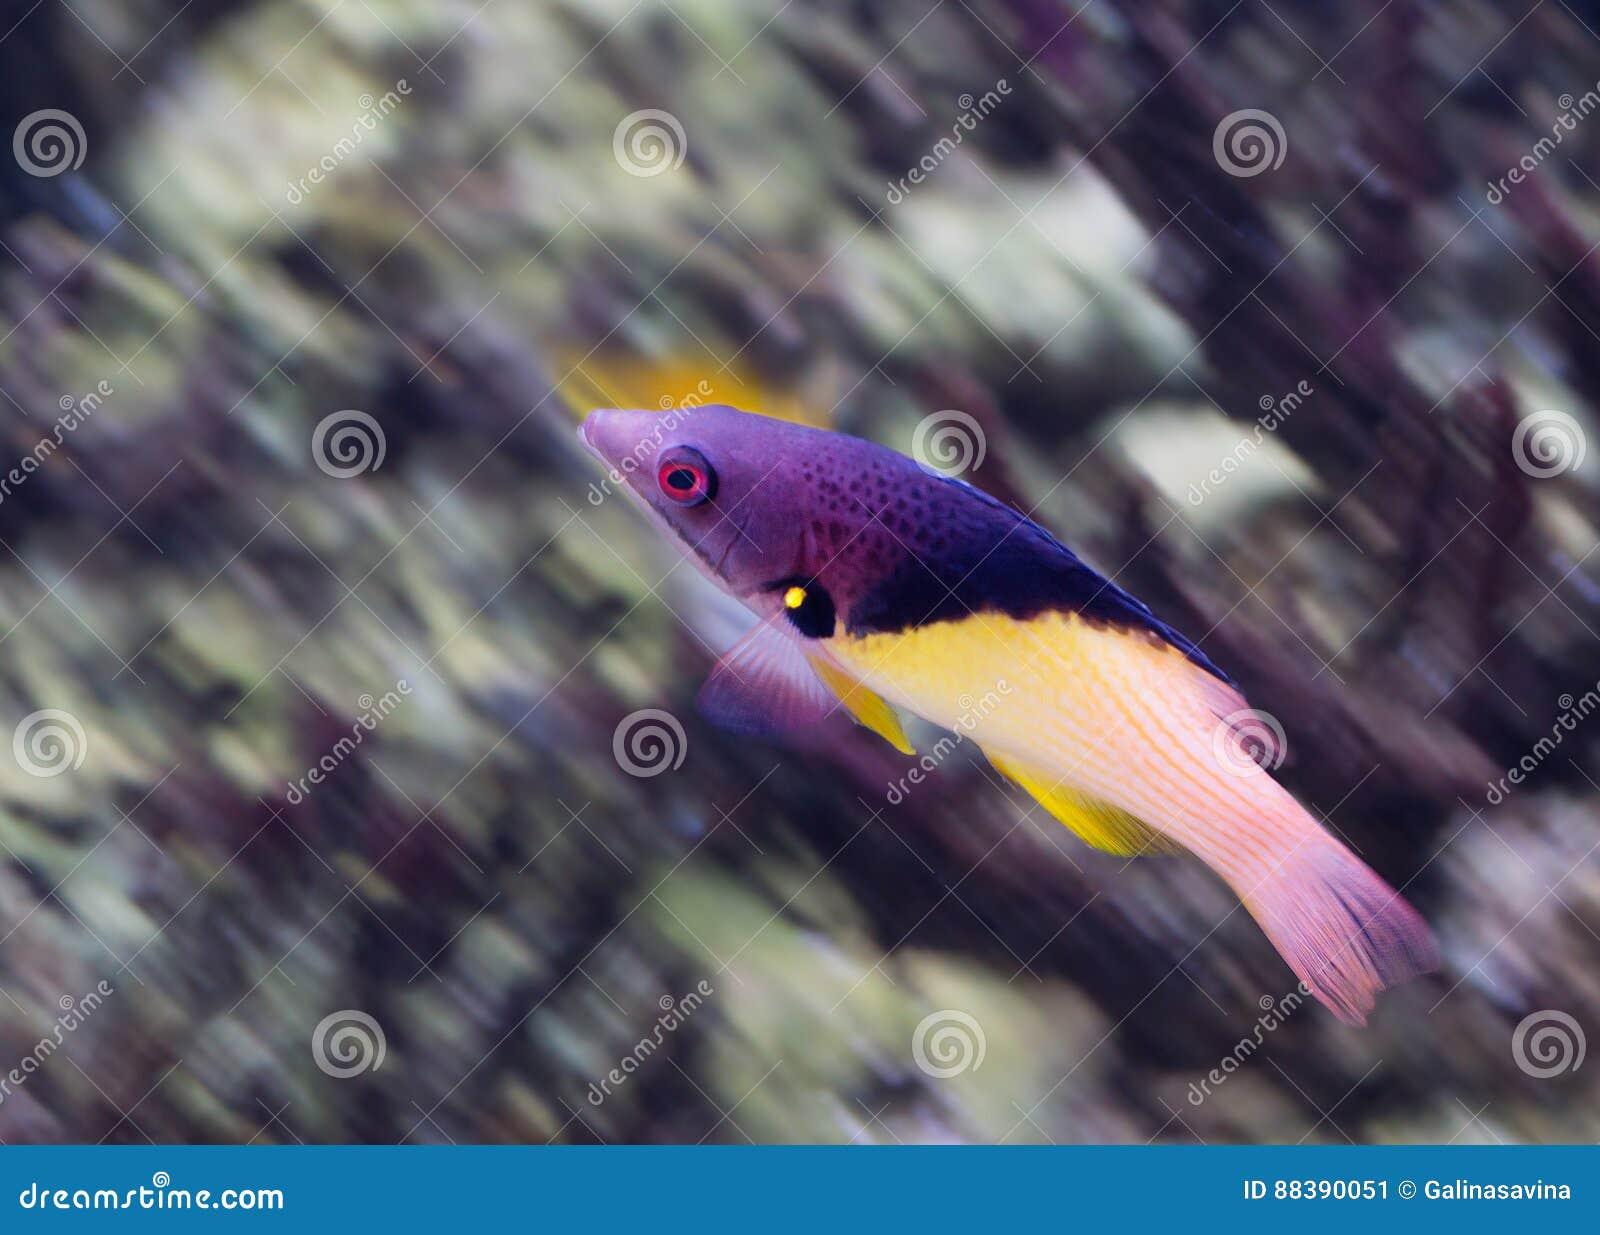 Aquarium Fish Bodian Stock Image Image Of Fins Purple 88390051